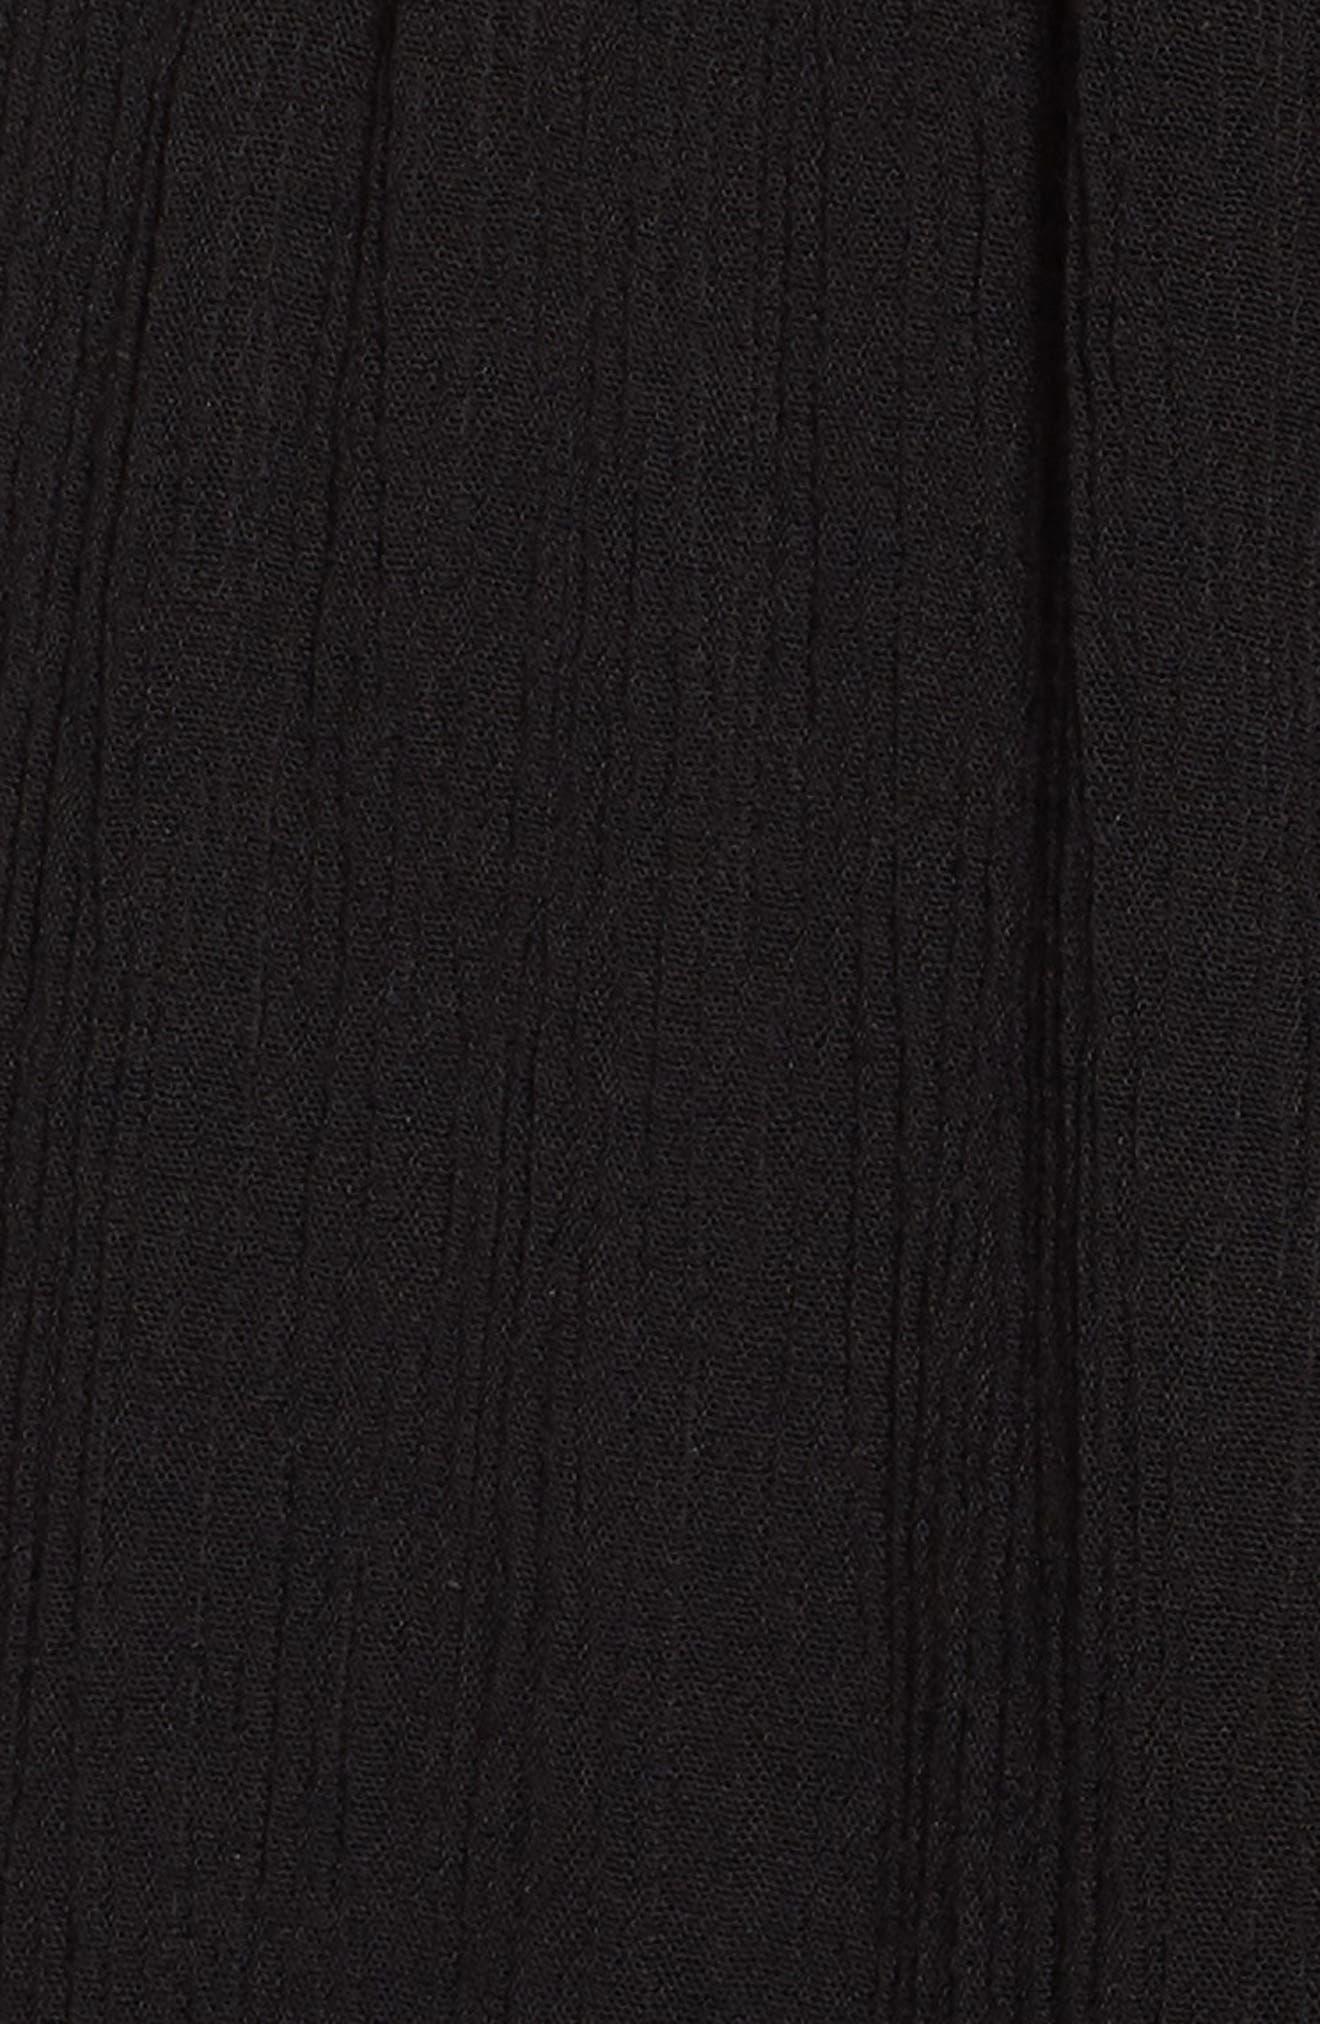 Tie Front Maxi Dress,                             Alternate thumbnail 5, color,                             001